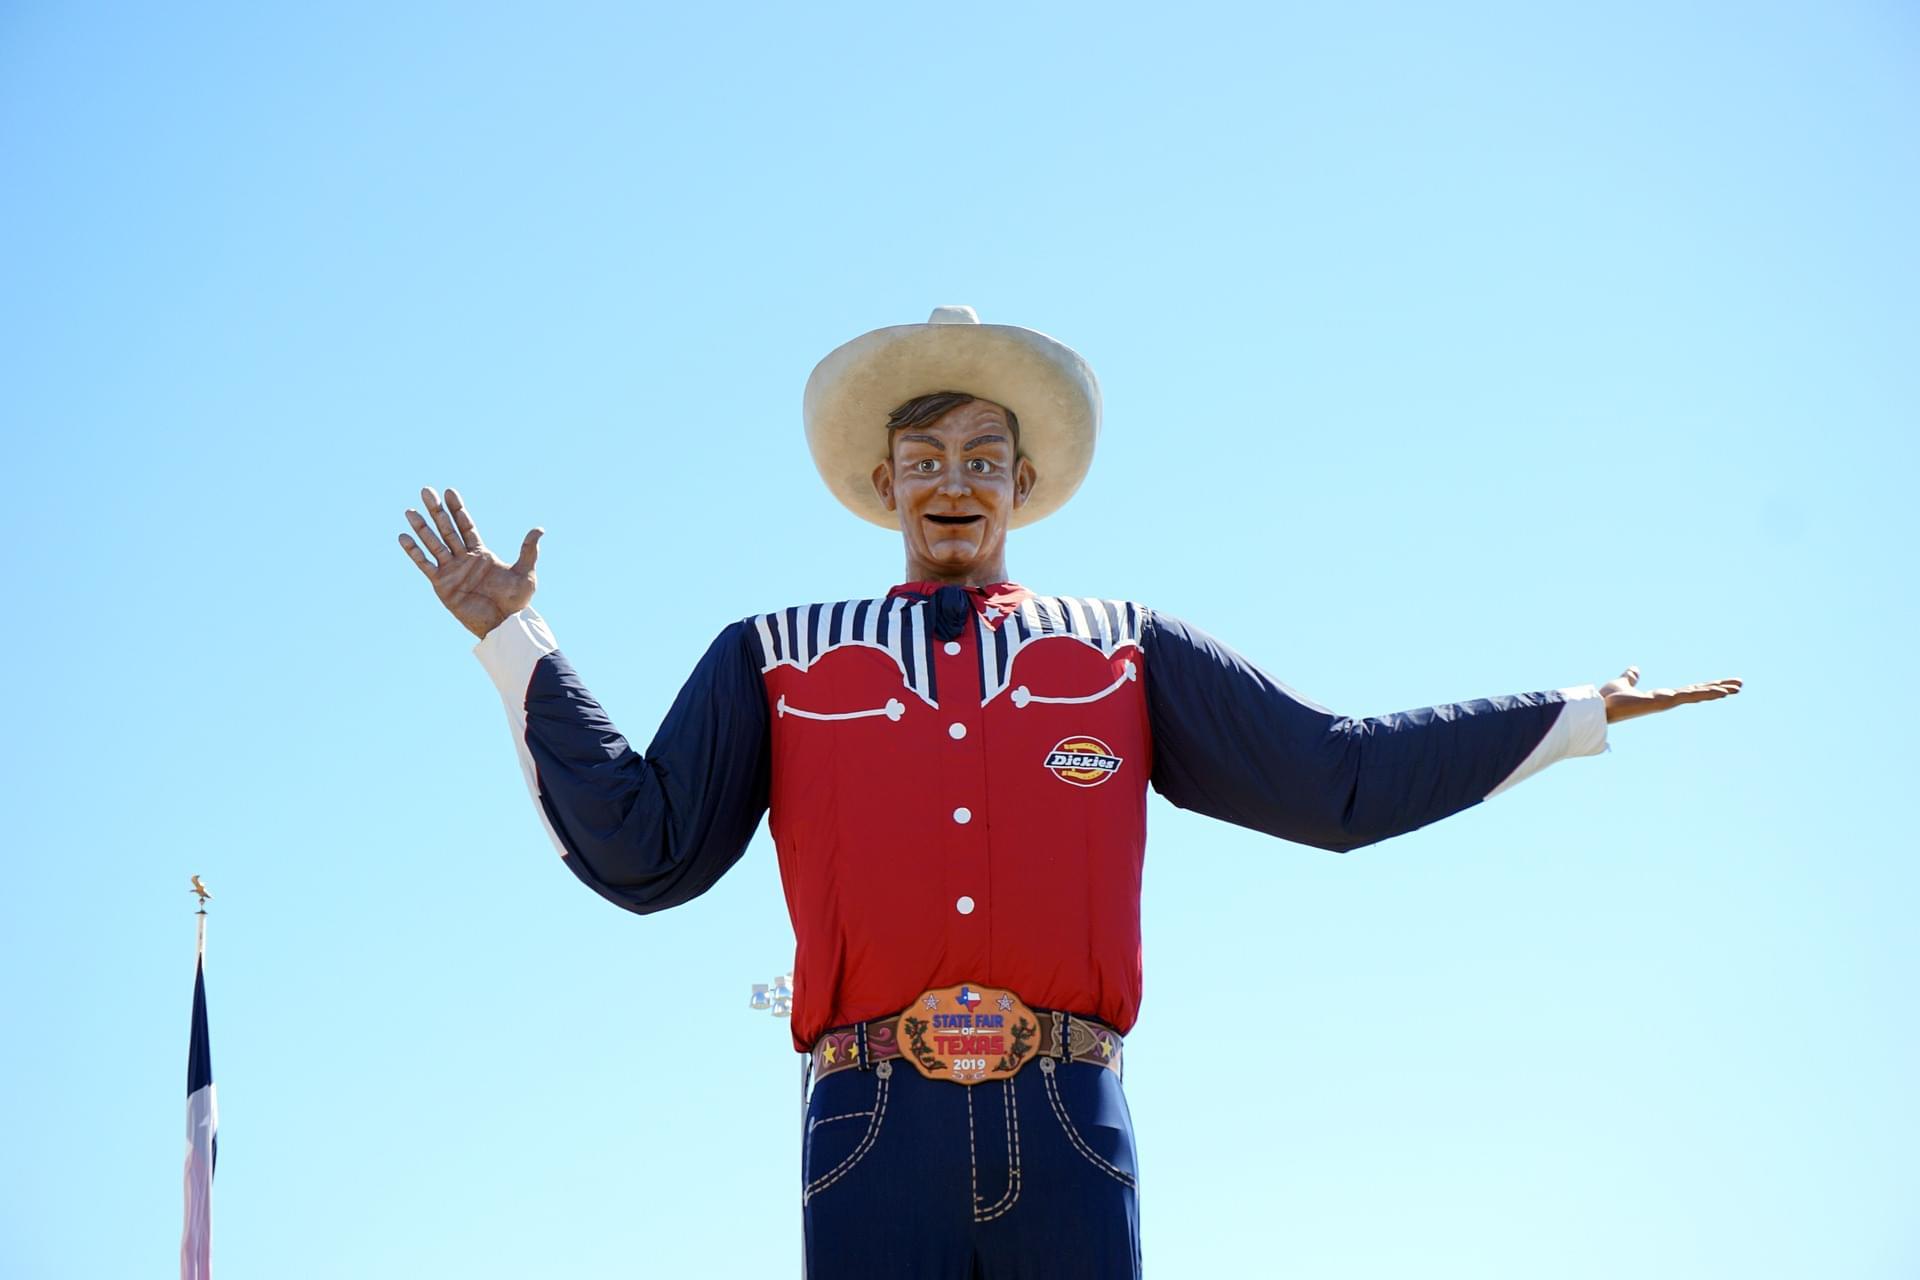 state-fair-of-texas-4545033_1920